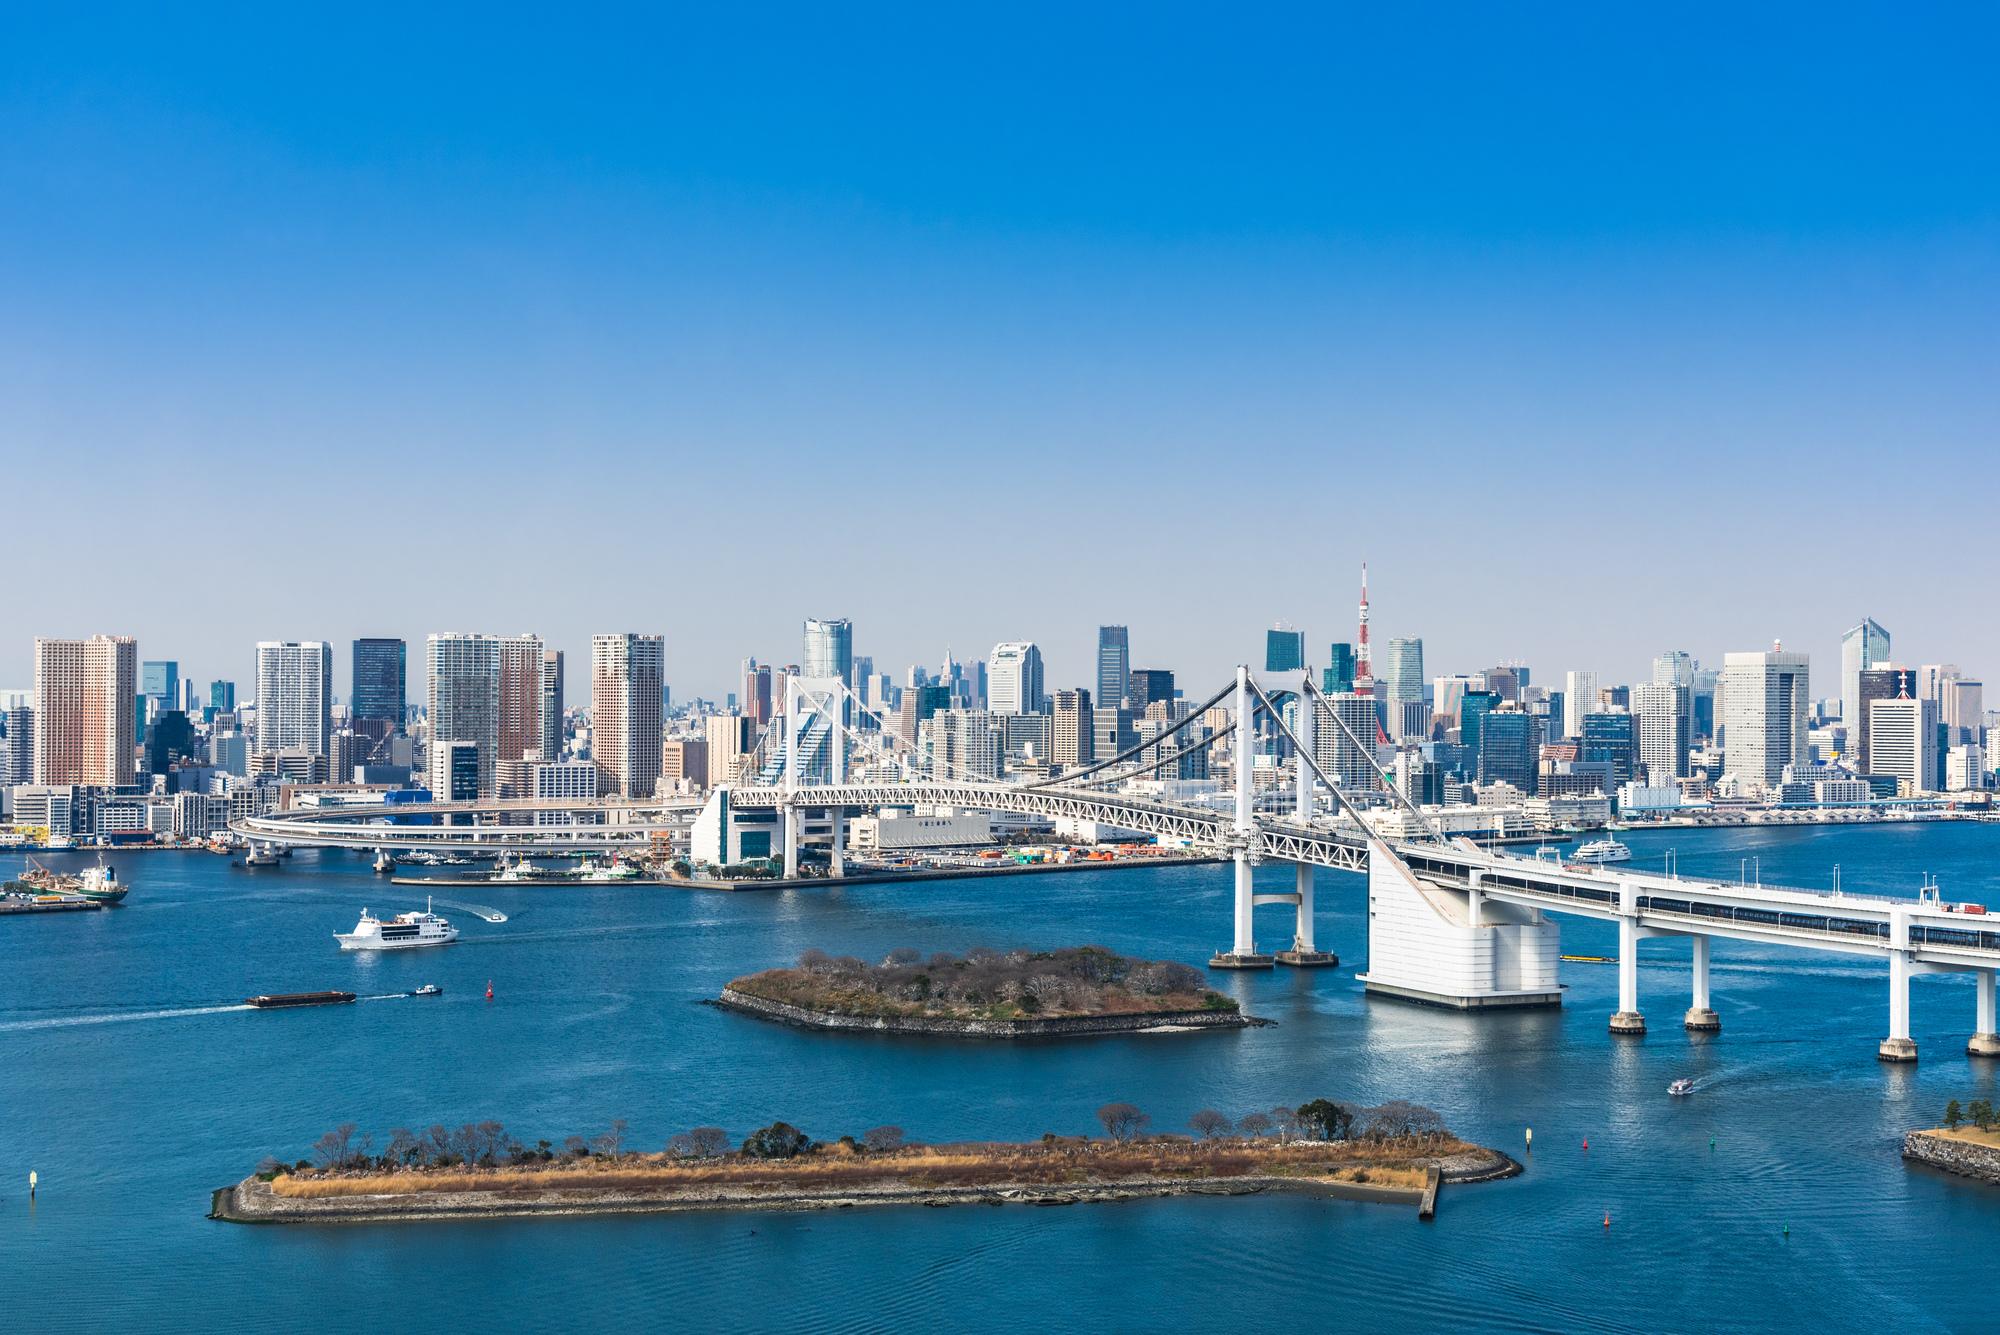 不動産投資なら今がチャンス!?東京オリンピックの影響で人気のエリアはどこ?